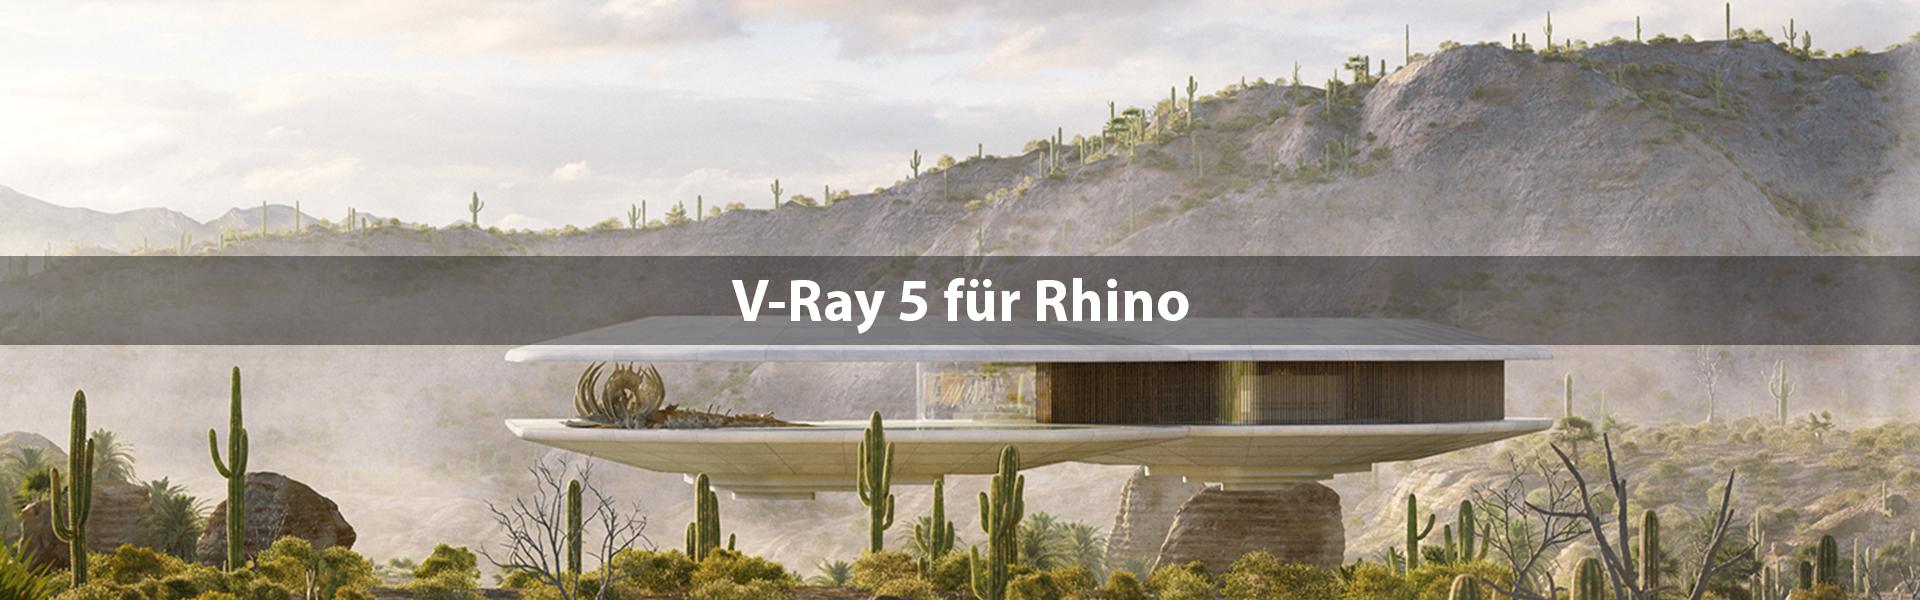 V-Ray 5 für Rhino